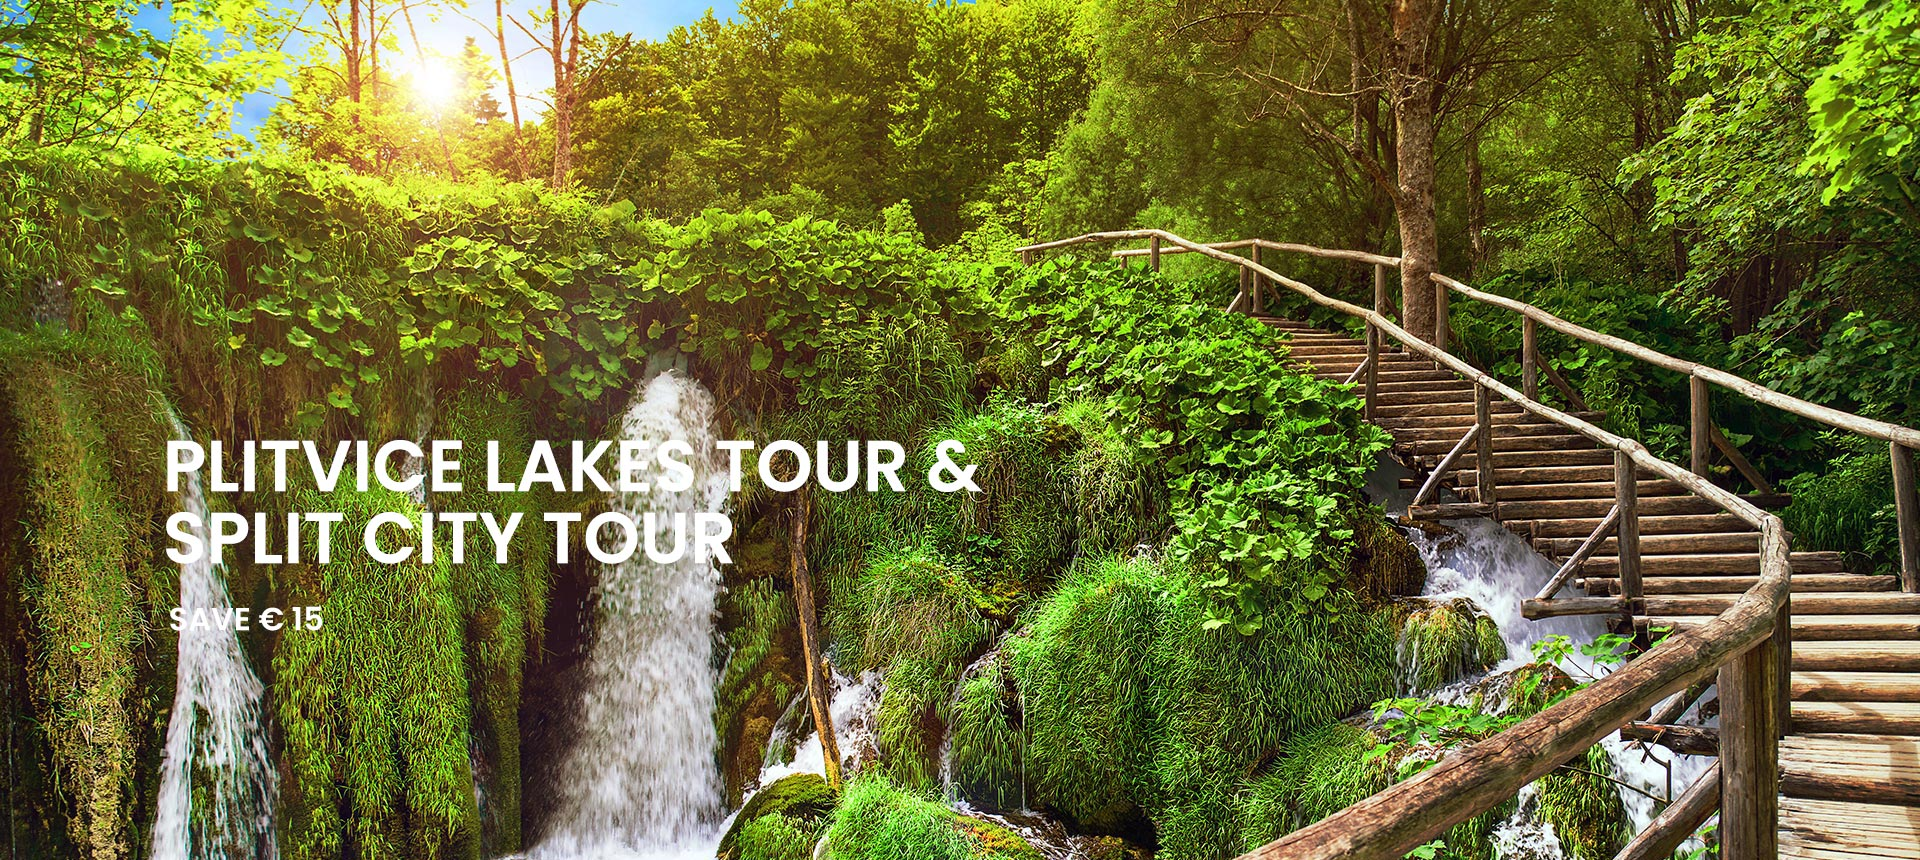 Plitvice lakes tour and Split city tour